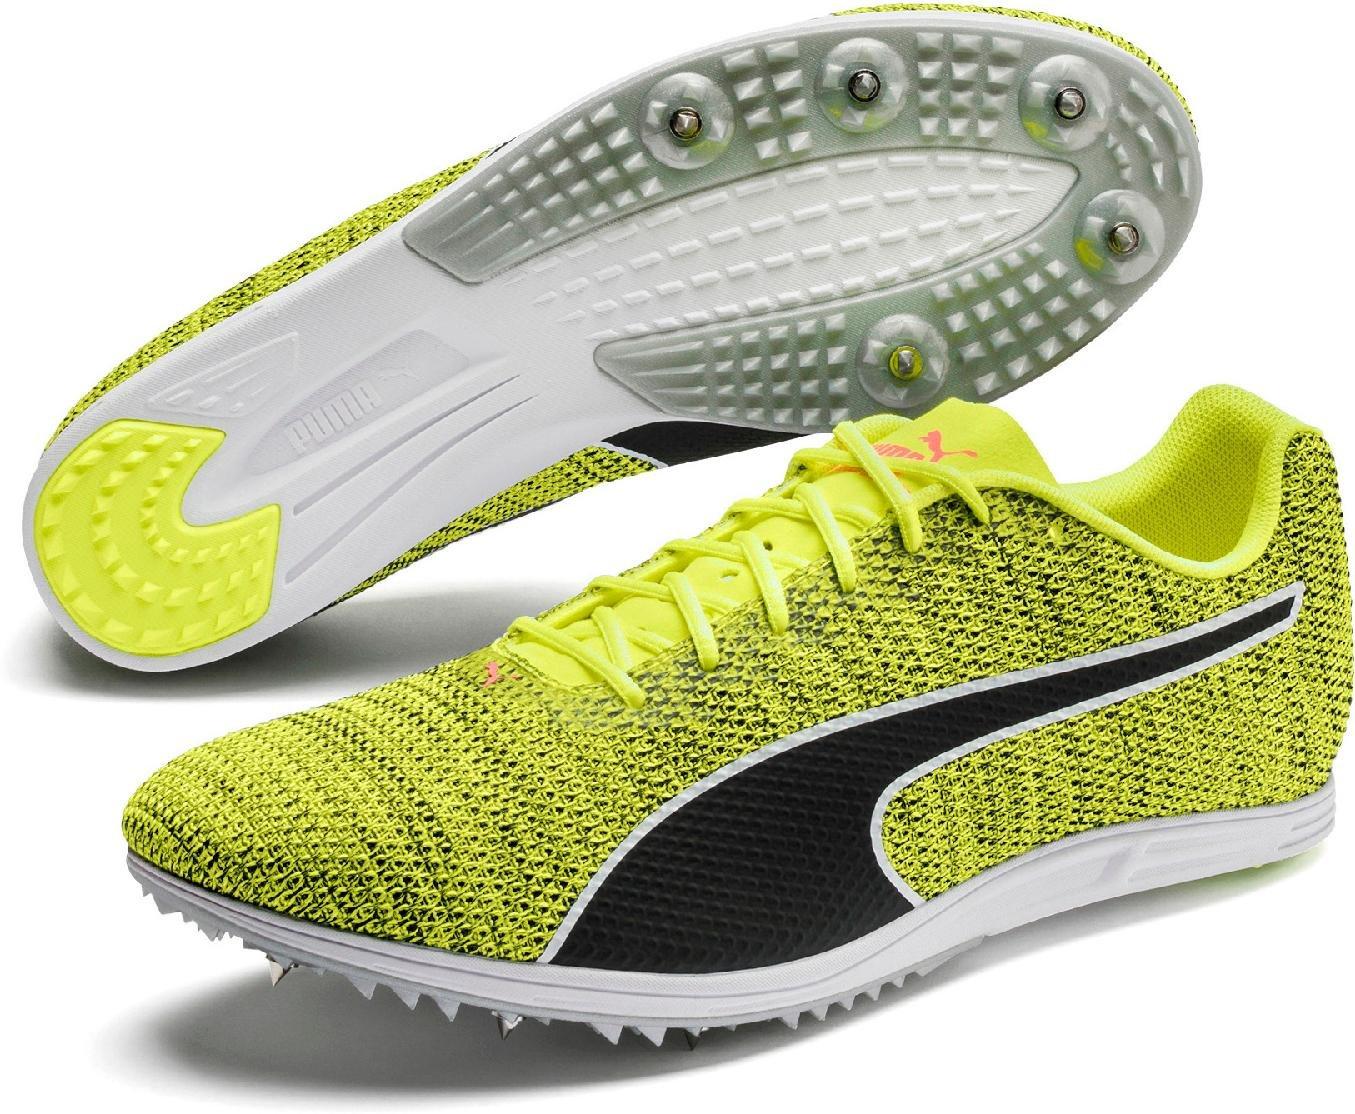 Chaussures de course à pointes Puma EVOSPEED DISTANCE 8